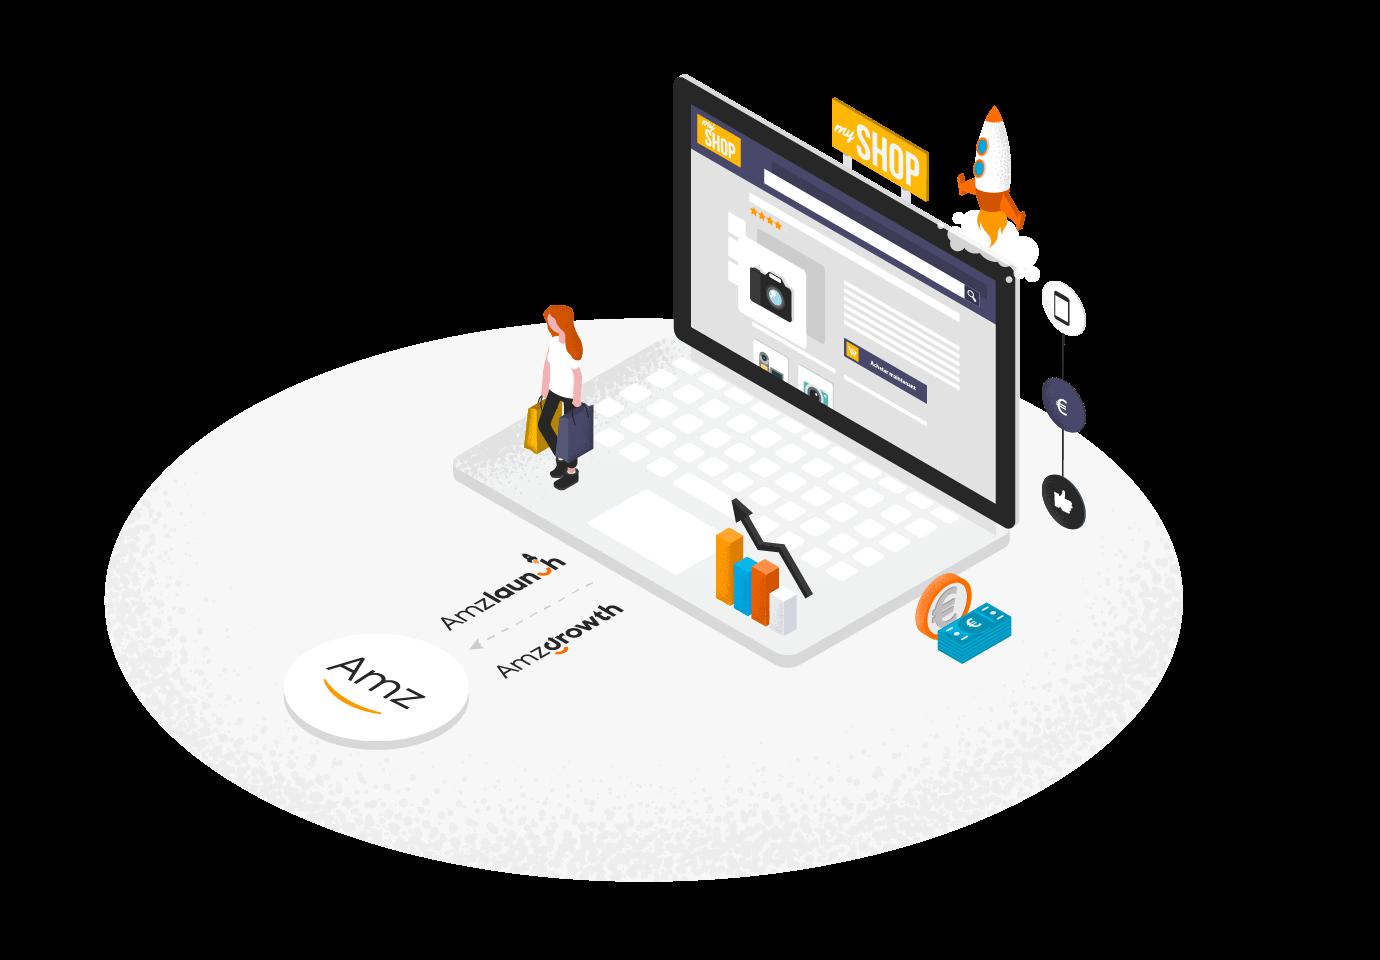 Nous vous accompagnons également dans la création et le développement de votre site e-commerce adapté aux besoins spécifiques de votre activité